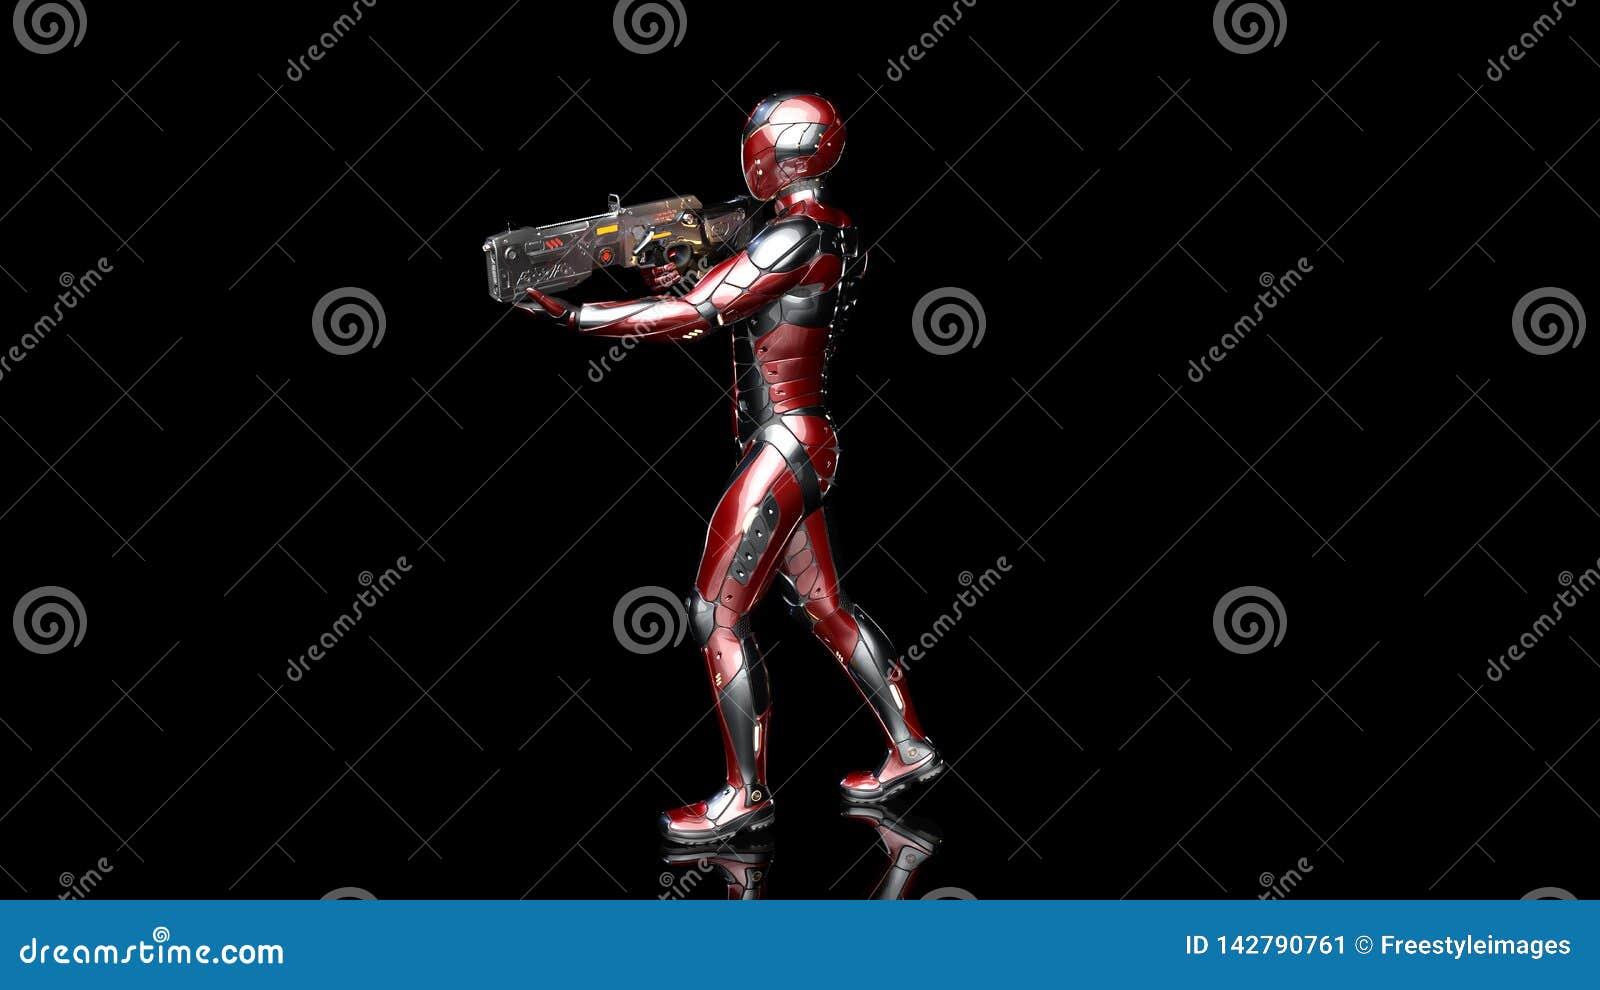 防弹装甲的武装用科学幻想小说步枪枪走和射击在黑色的未来派机器人战士,军事靠机械装置维持生命的人